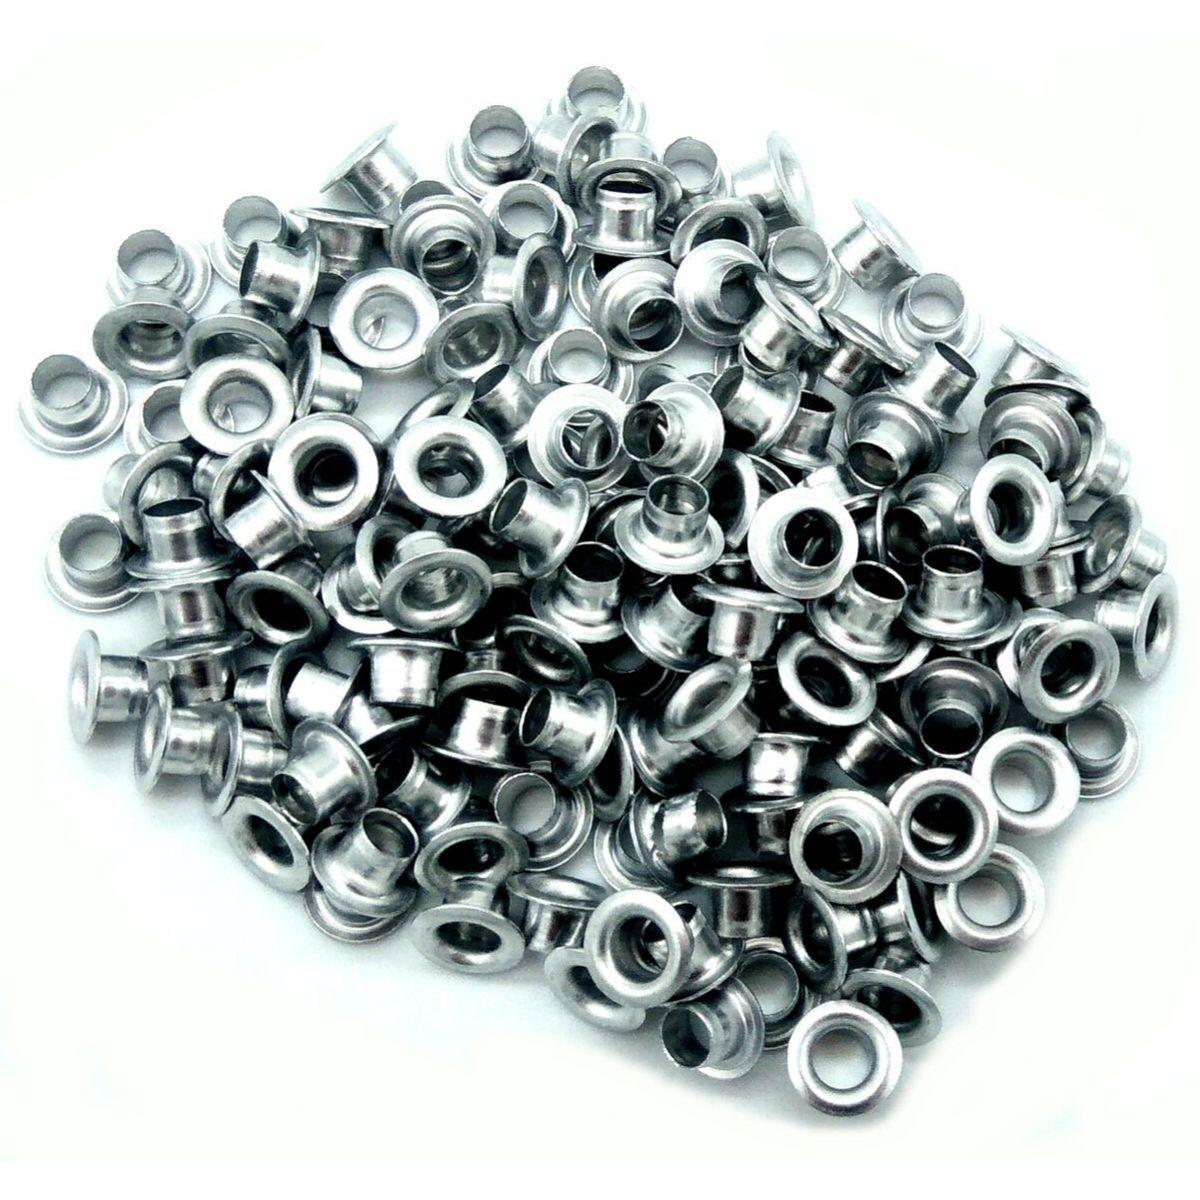 Ilhós Nº 54 Alumínio 8mm Externo - Niquelado